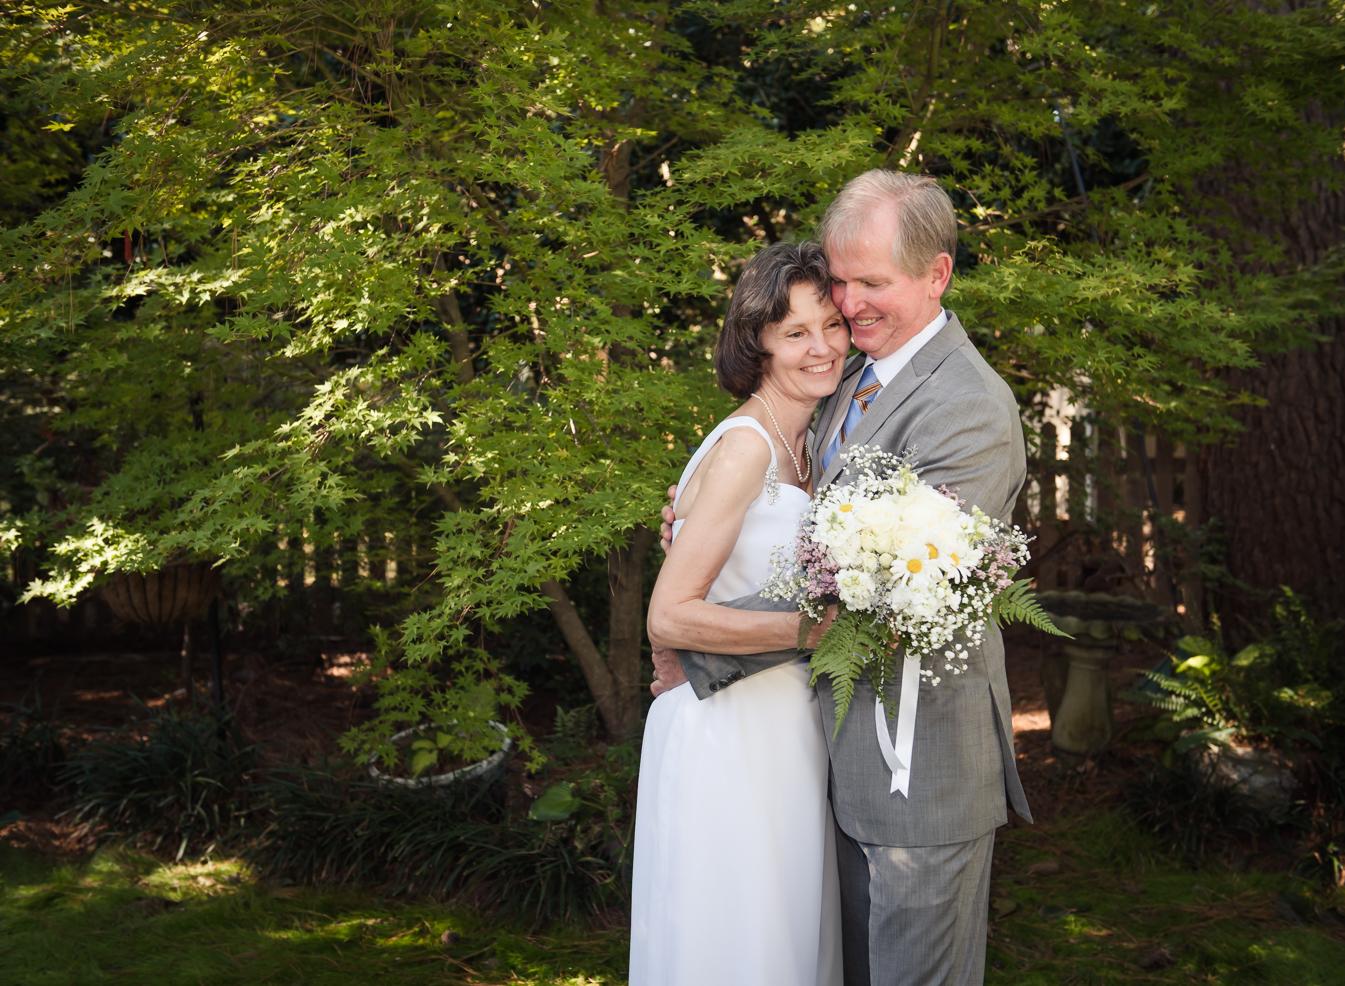 弗吉尼亚海滩摄影师,切萨皮克婚纱摄影